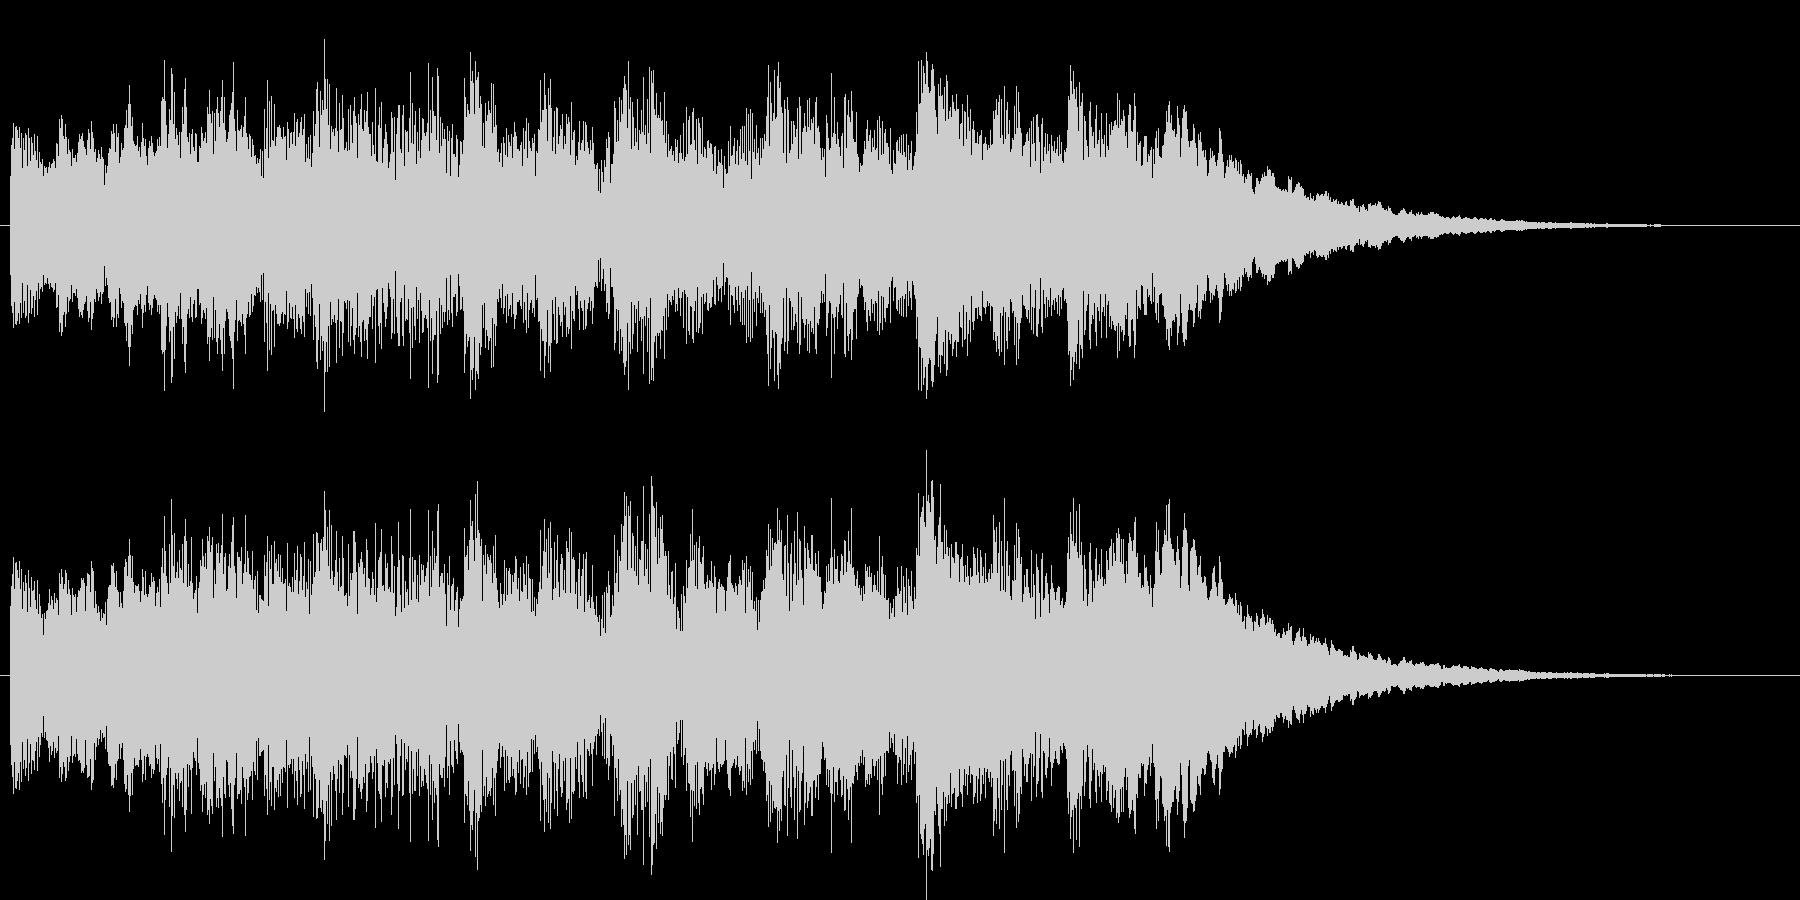 シンセとベルのチャイムの未再生の波形